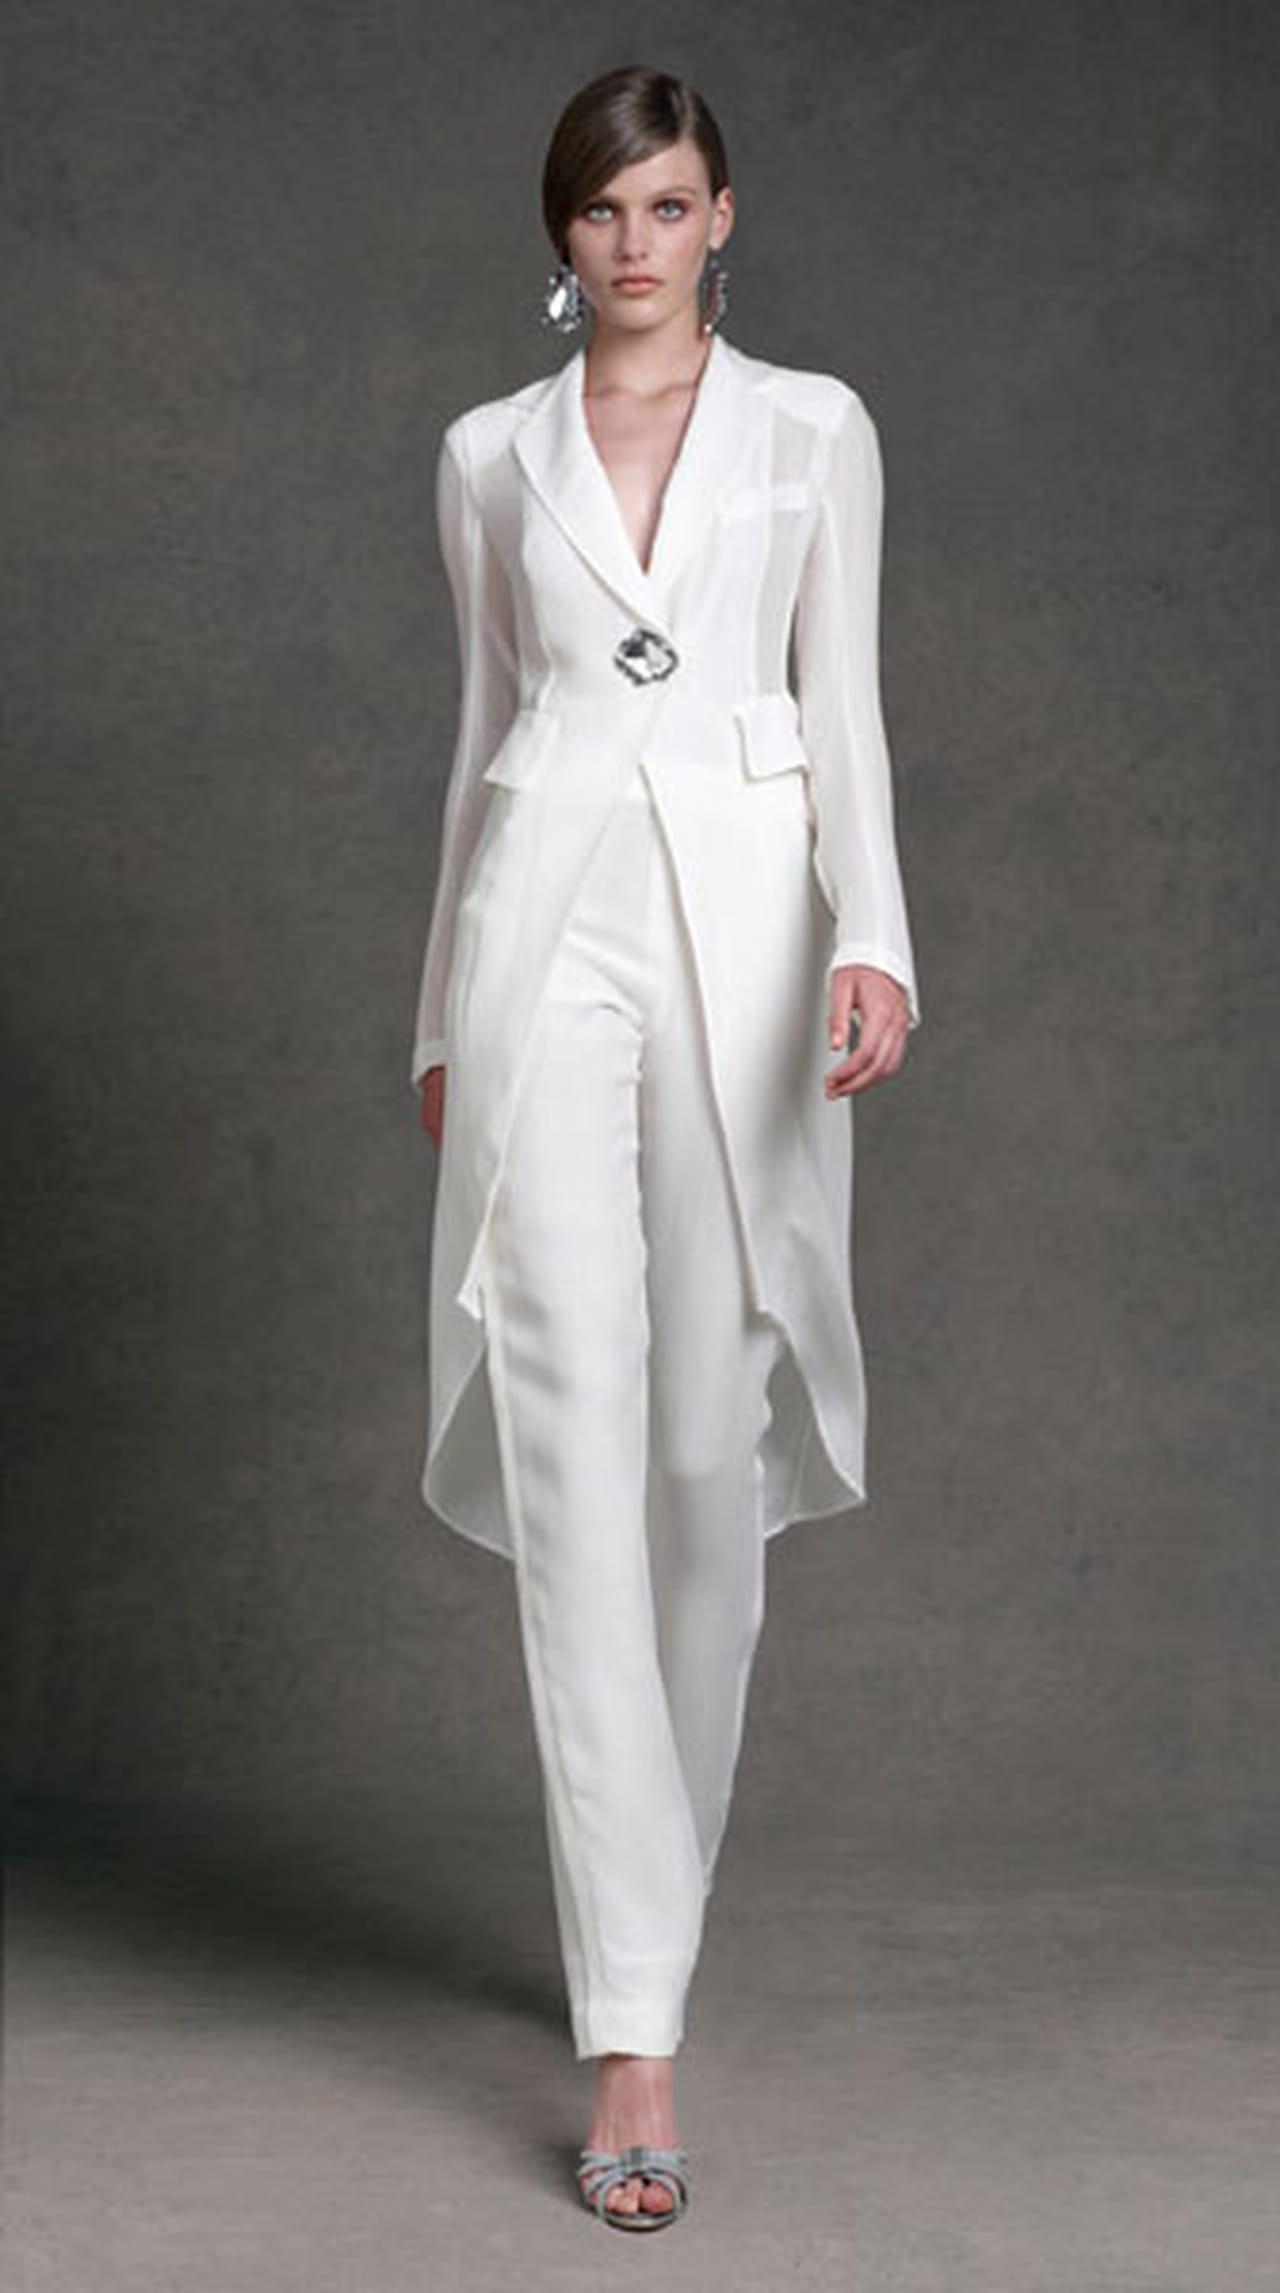 Белый костюм женский на свадьбу фото